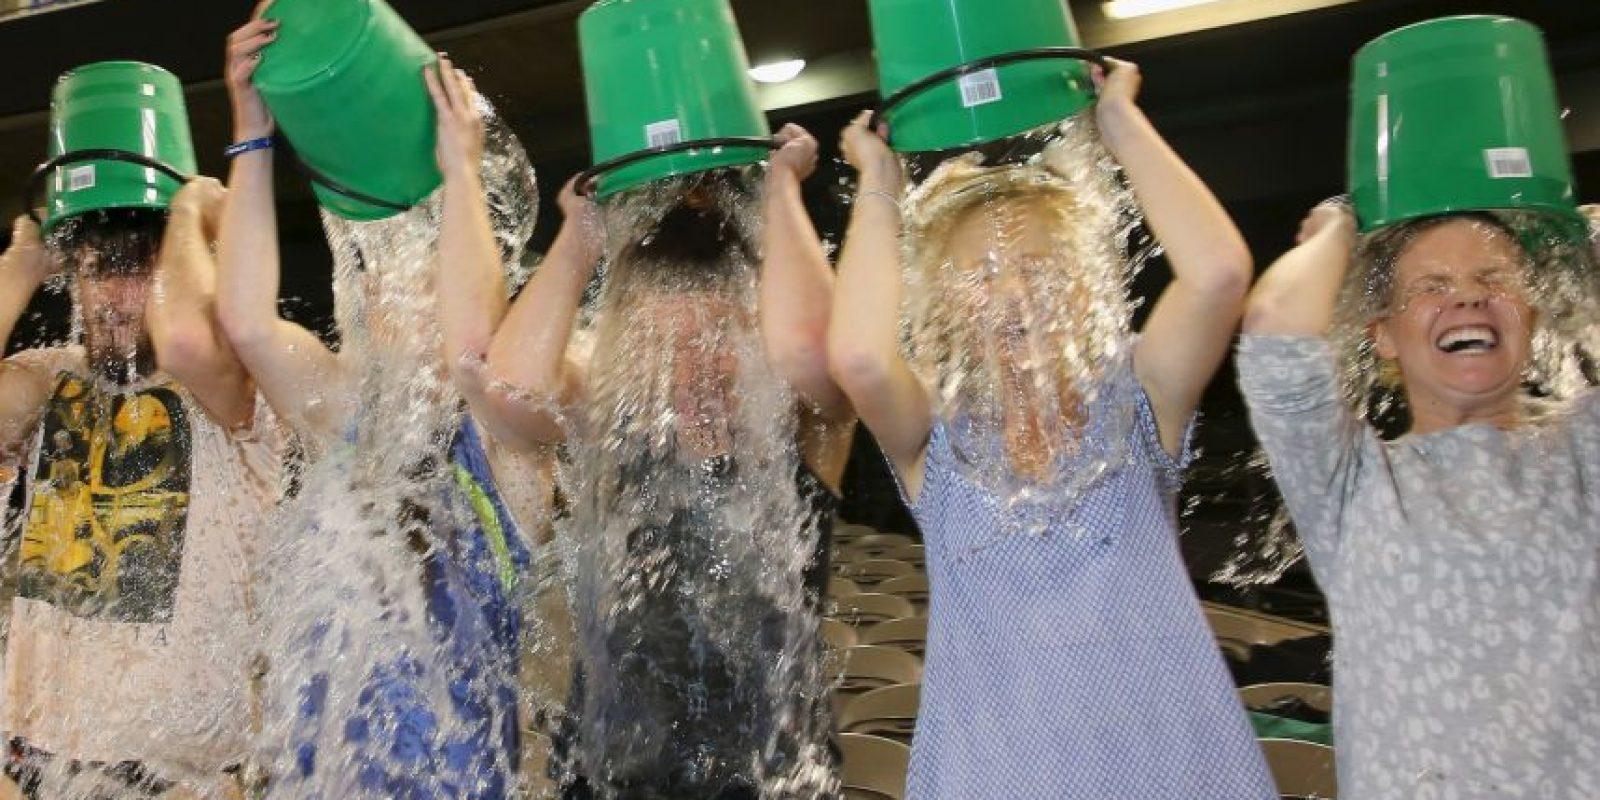 Esta etiqueta motivó uno de los juegos virales más exitosos del año: vaciarse el agua con hielo de una cubeta para reunir fondos que ayudaran a mejorar la investigación referente a la enfermedad Esclerosis Múltiple Amiotrófica. Foto:Getty Images